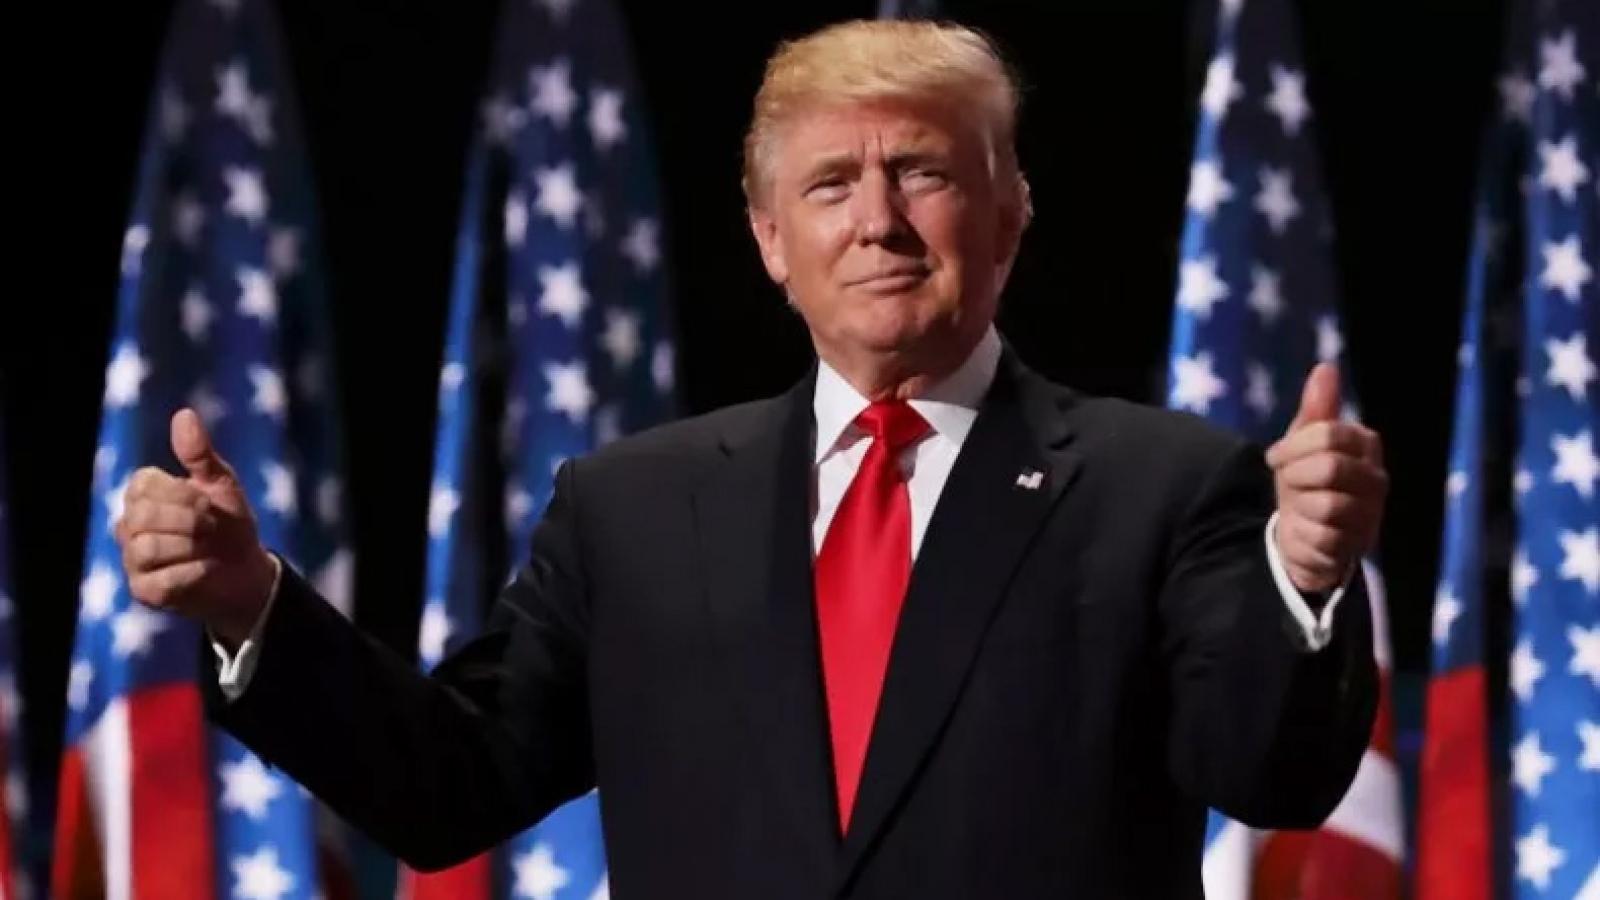 50% cử tri da trắng bỏ phiếu cho Trump nếu bầu cử diễn ra ngay lập tức